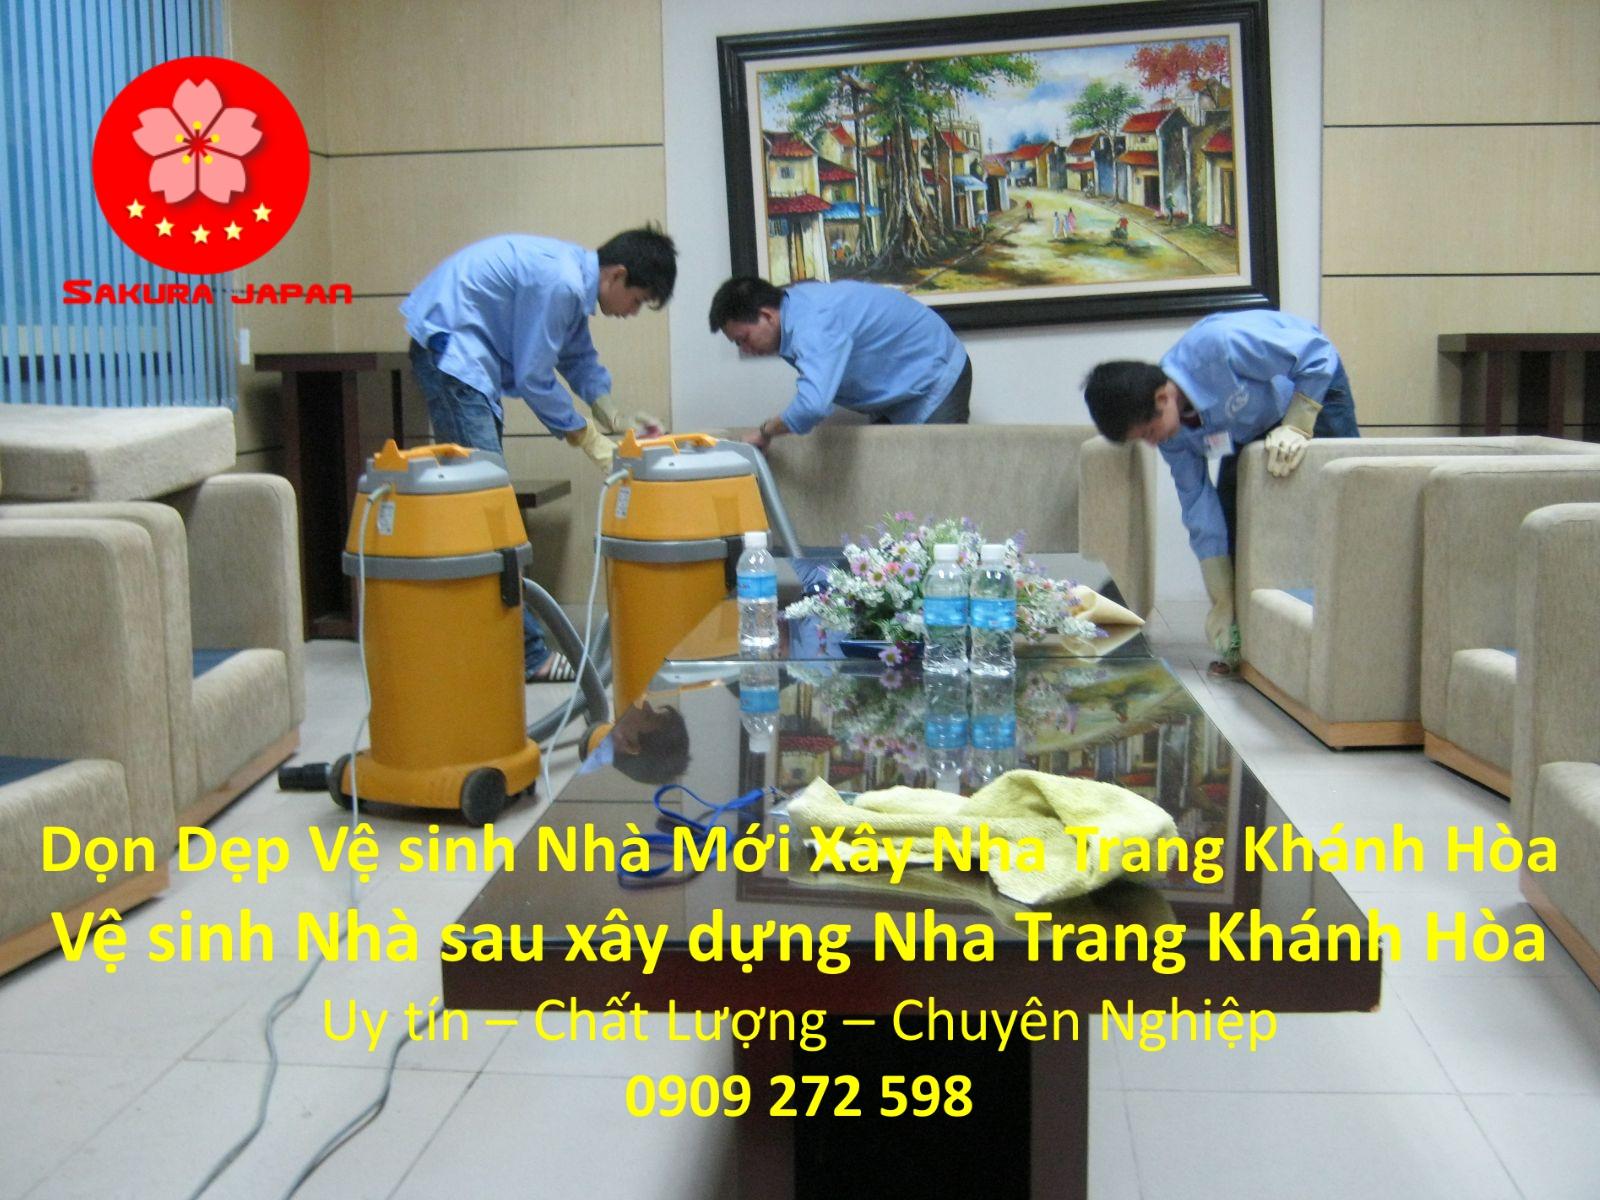 Dịch vụ Vệ Sinh Nhà Mới Xây Nha Trang Khánh Hòa